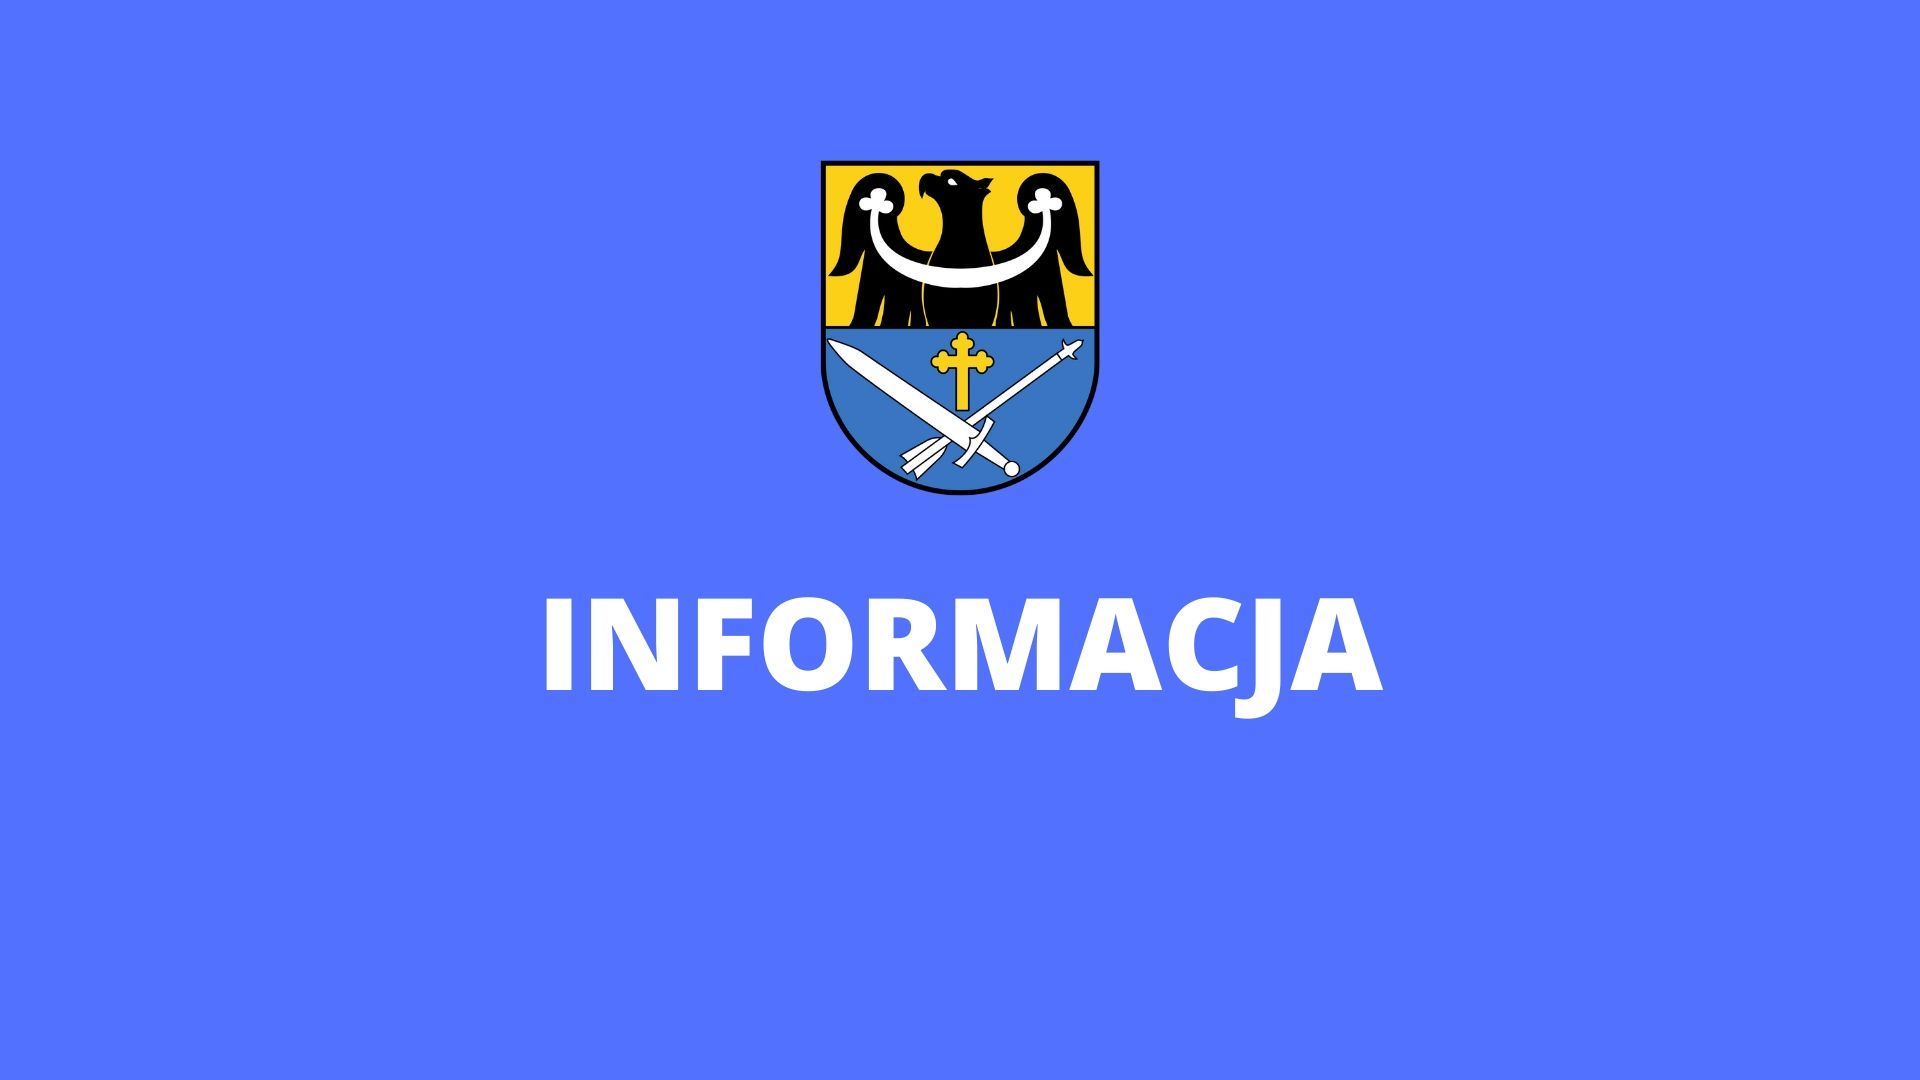 rycina przedstawia herb gminy legnickie pole z napisem w dolnej części informacja